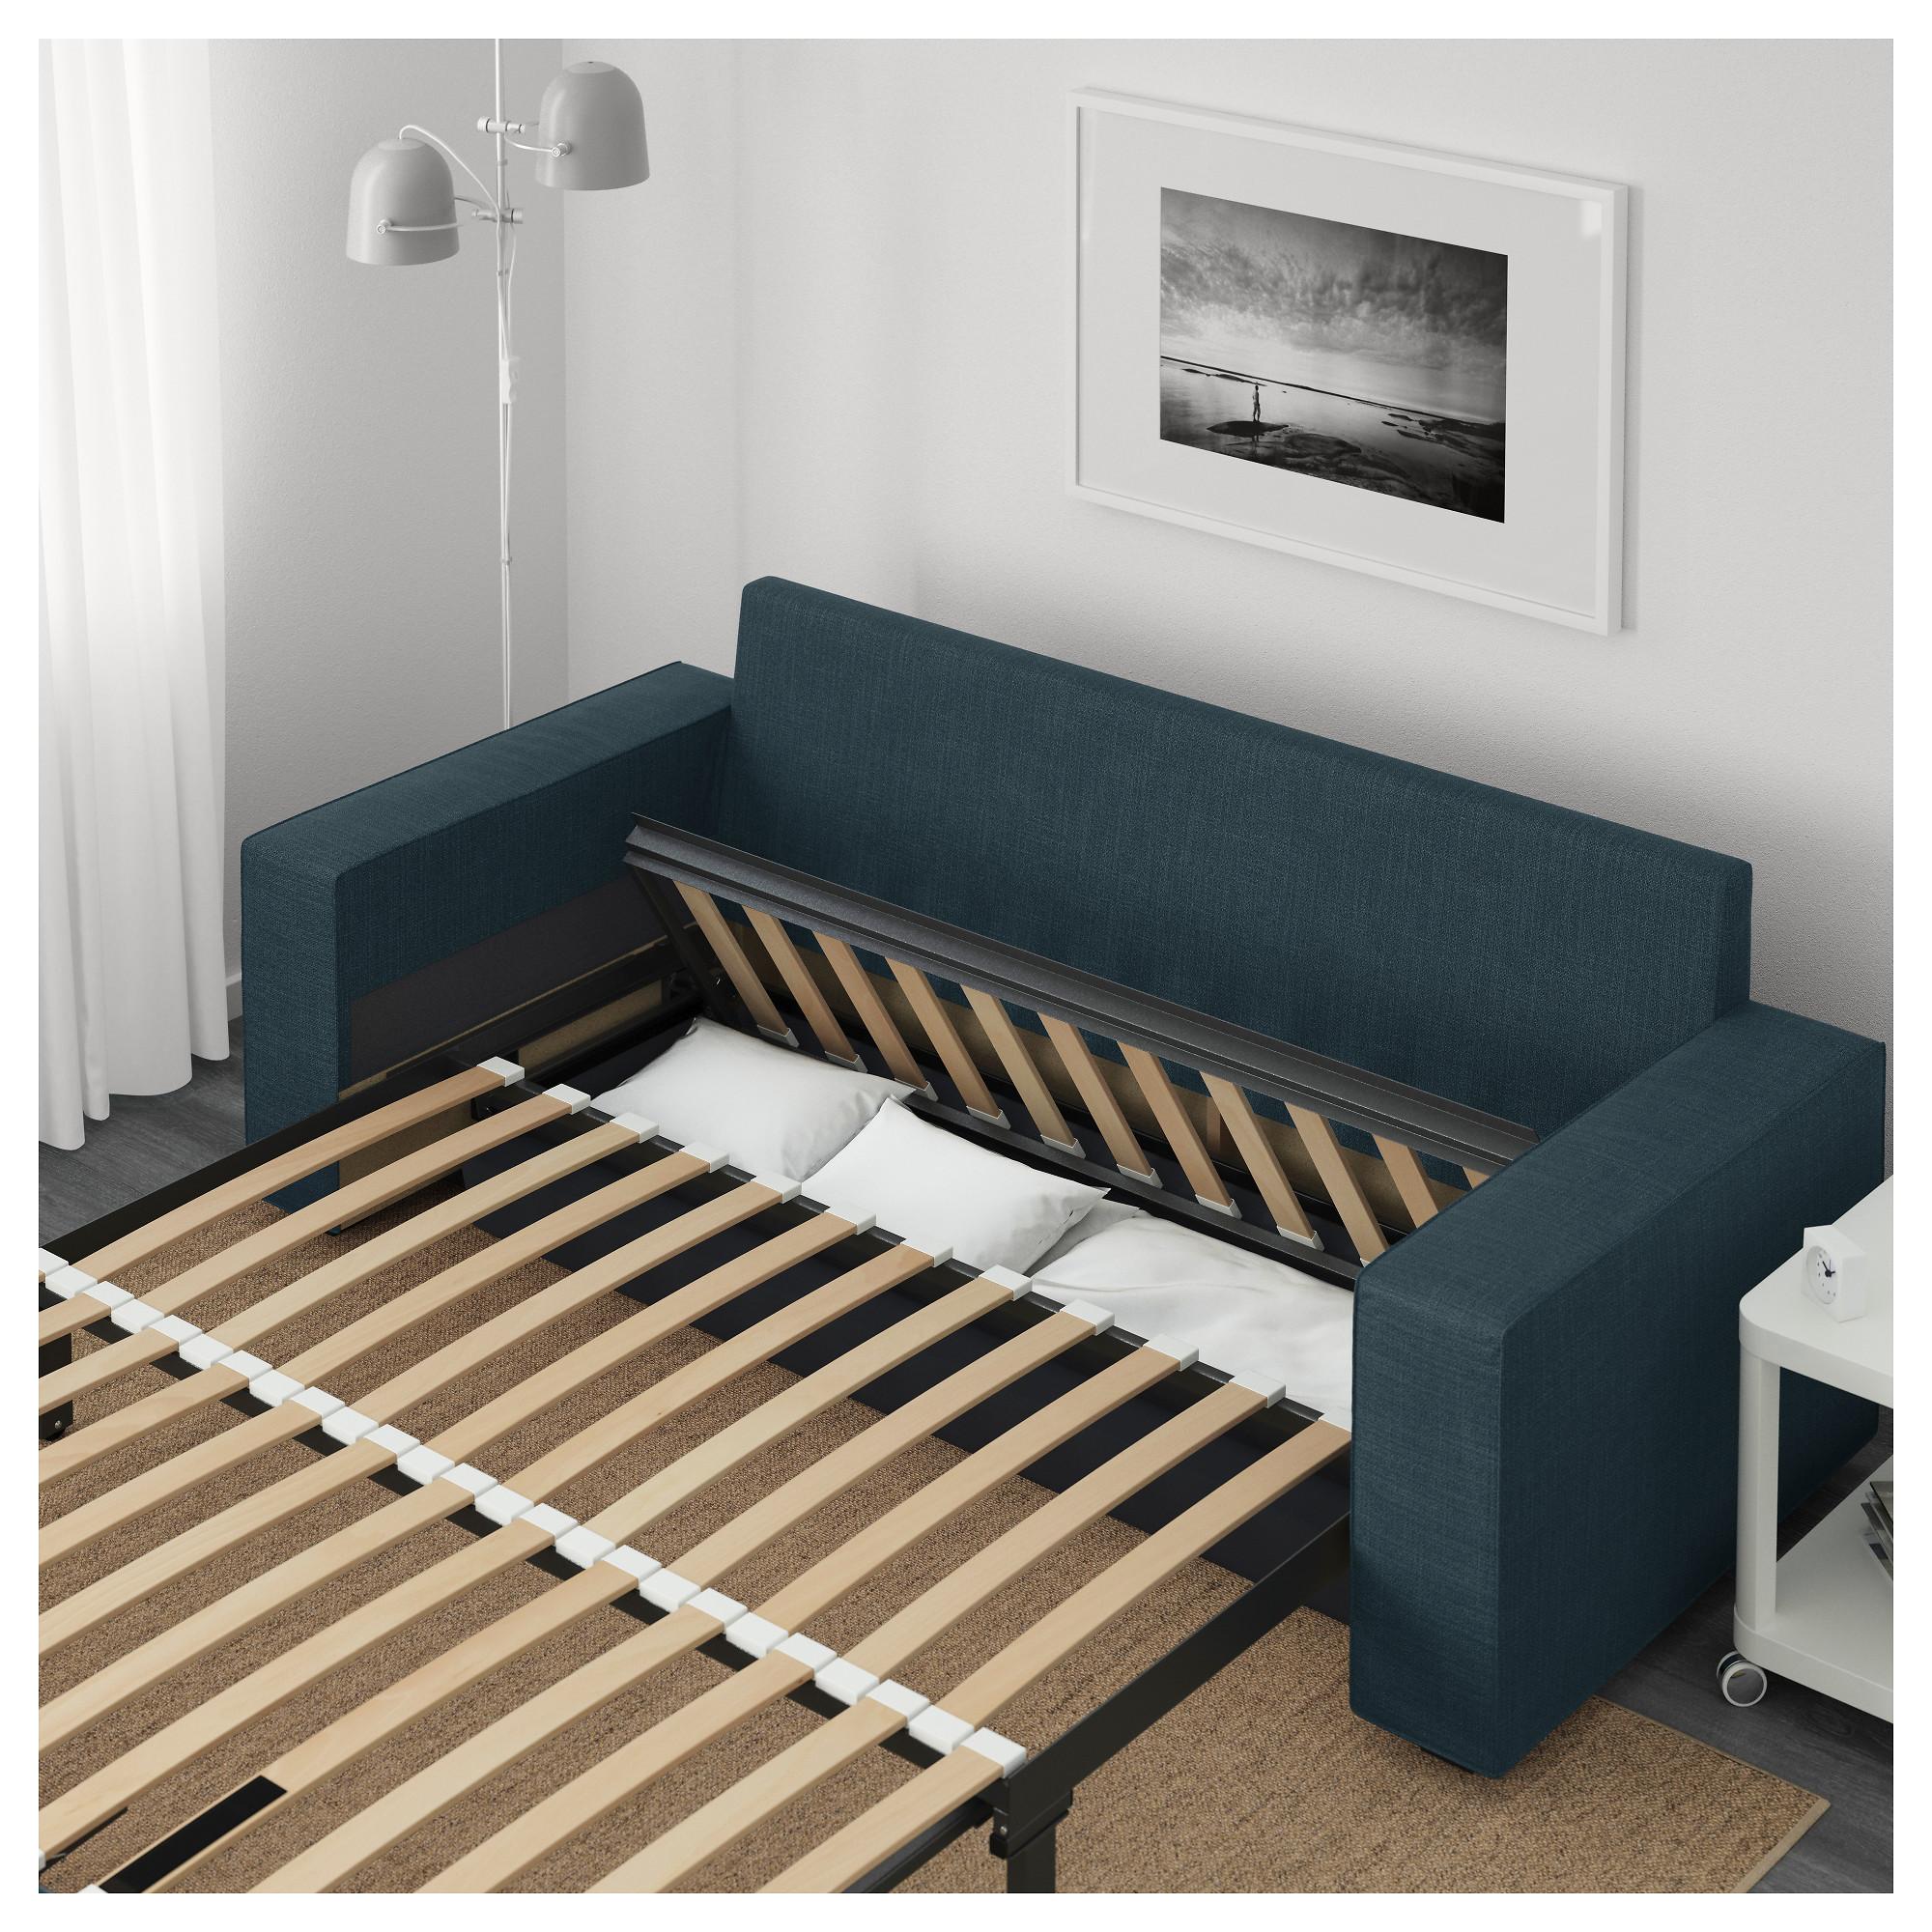 3-местный диван-кровать ВИЛАСУНД темно-синий артикуль № 792.825.01 в наличии. Интернет каталог IKEA Республика Беларусь. Быстрая доставка и монтаж.